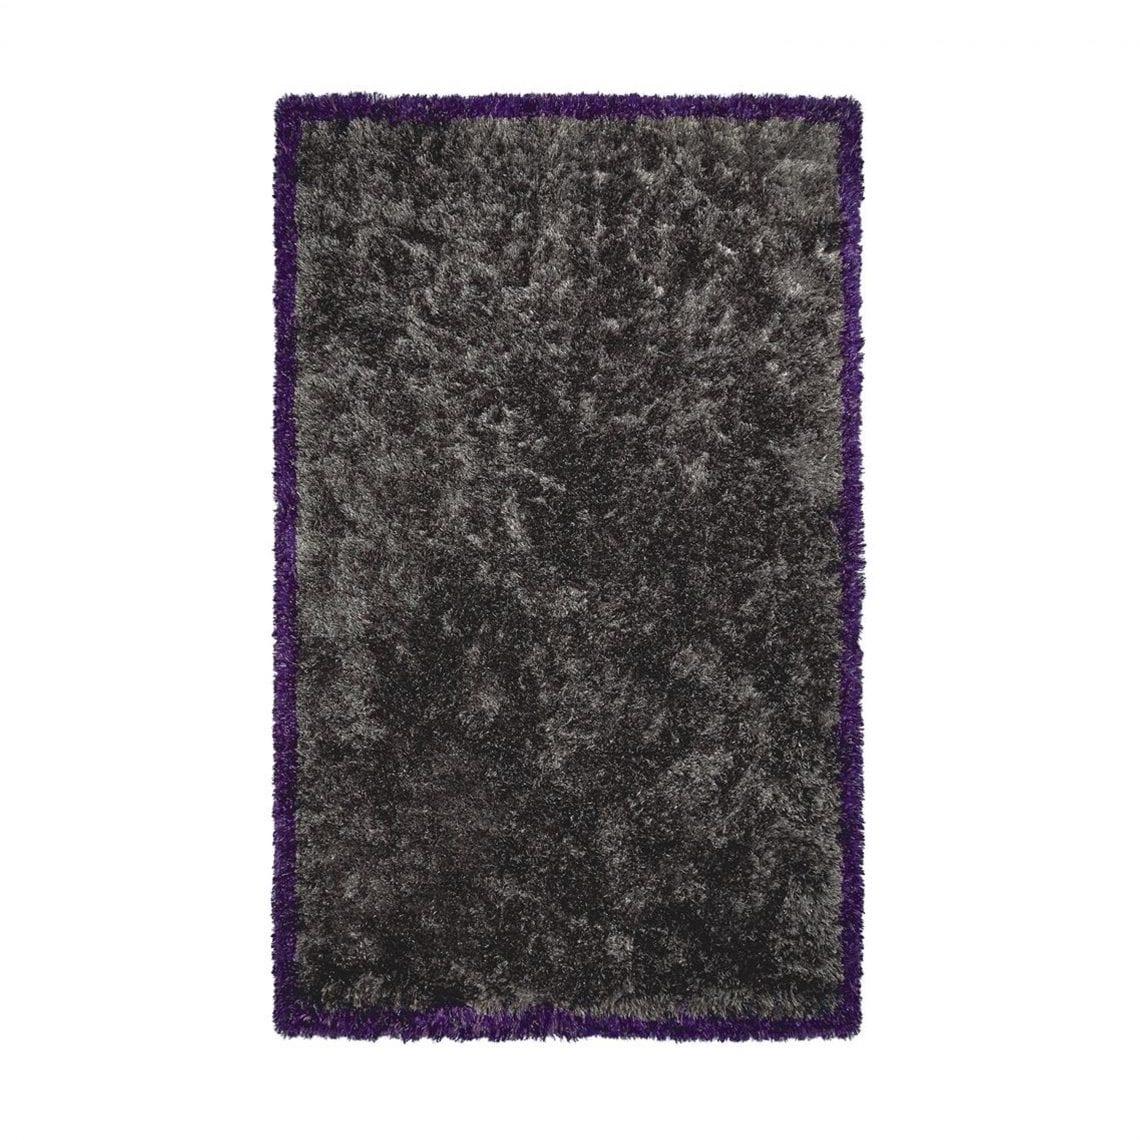 Grijs vloerkleed met gekleurde garens Rossolo birch van Designers Guild